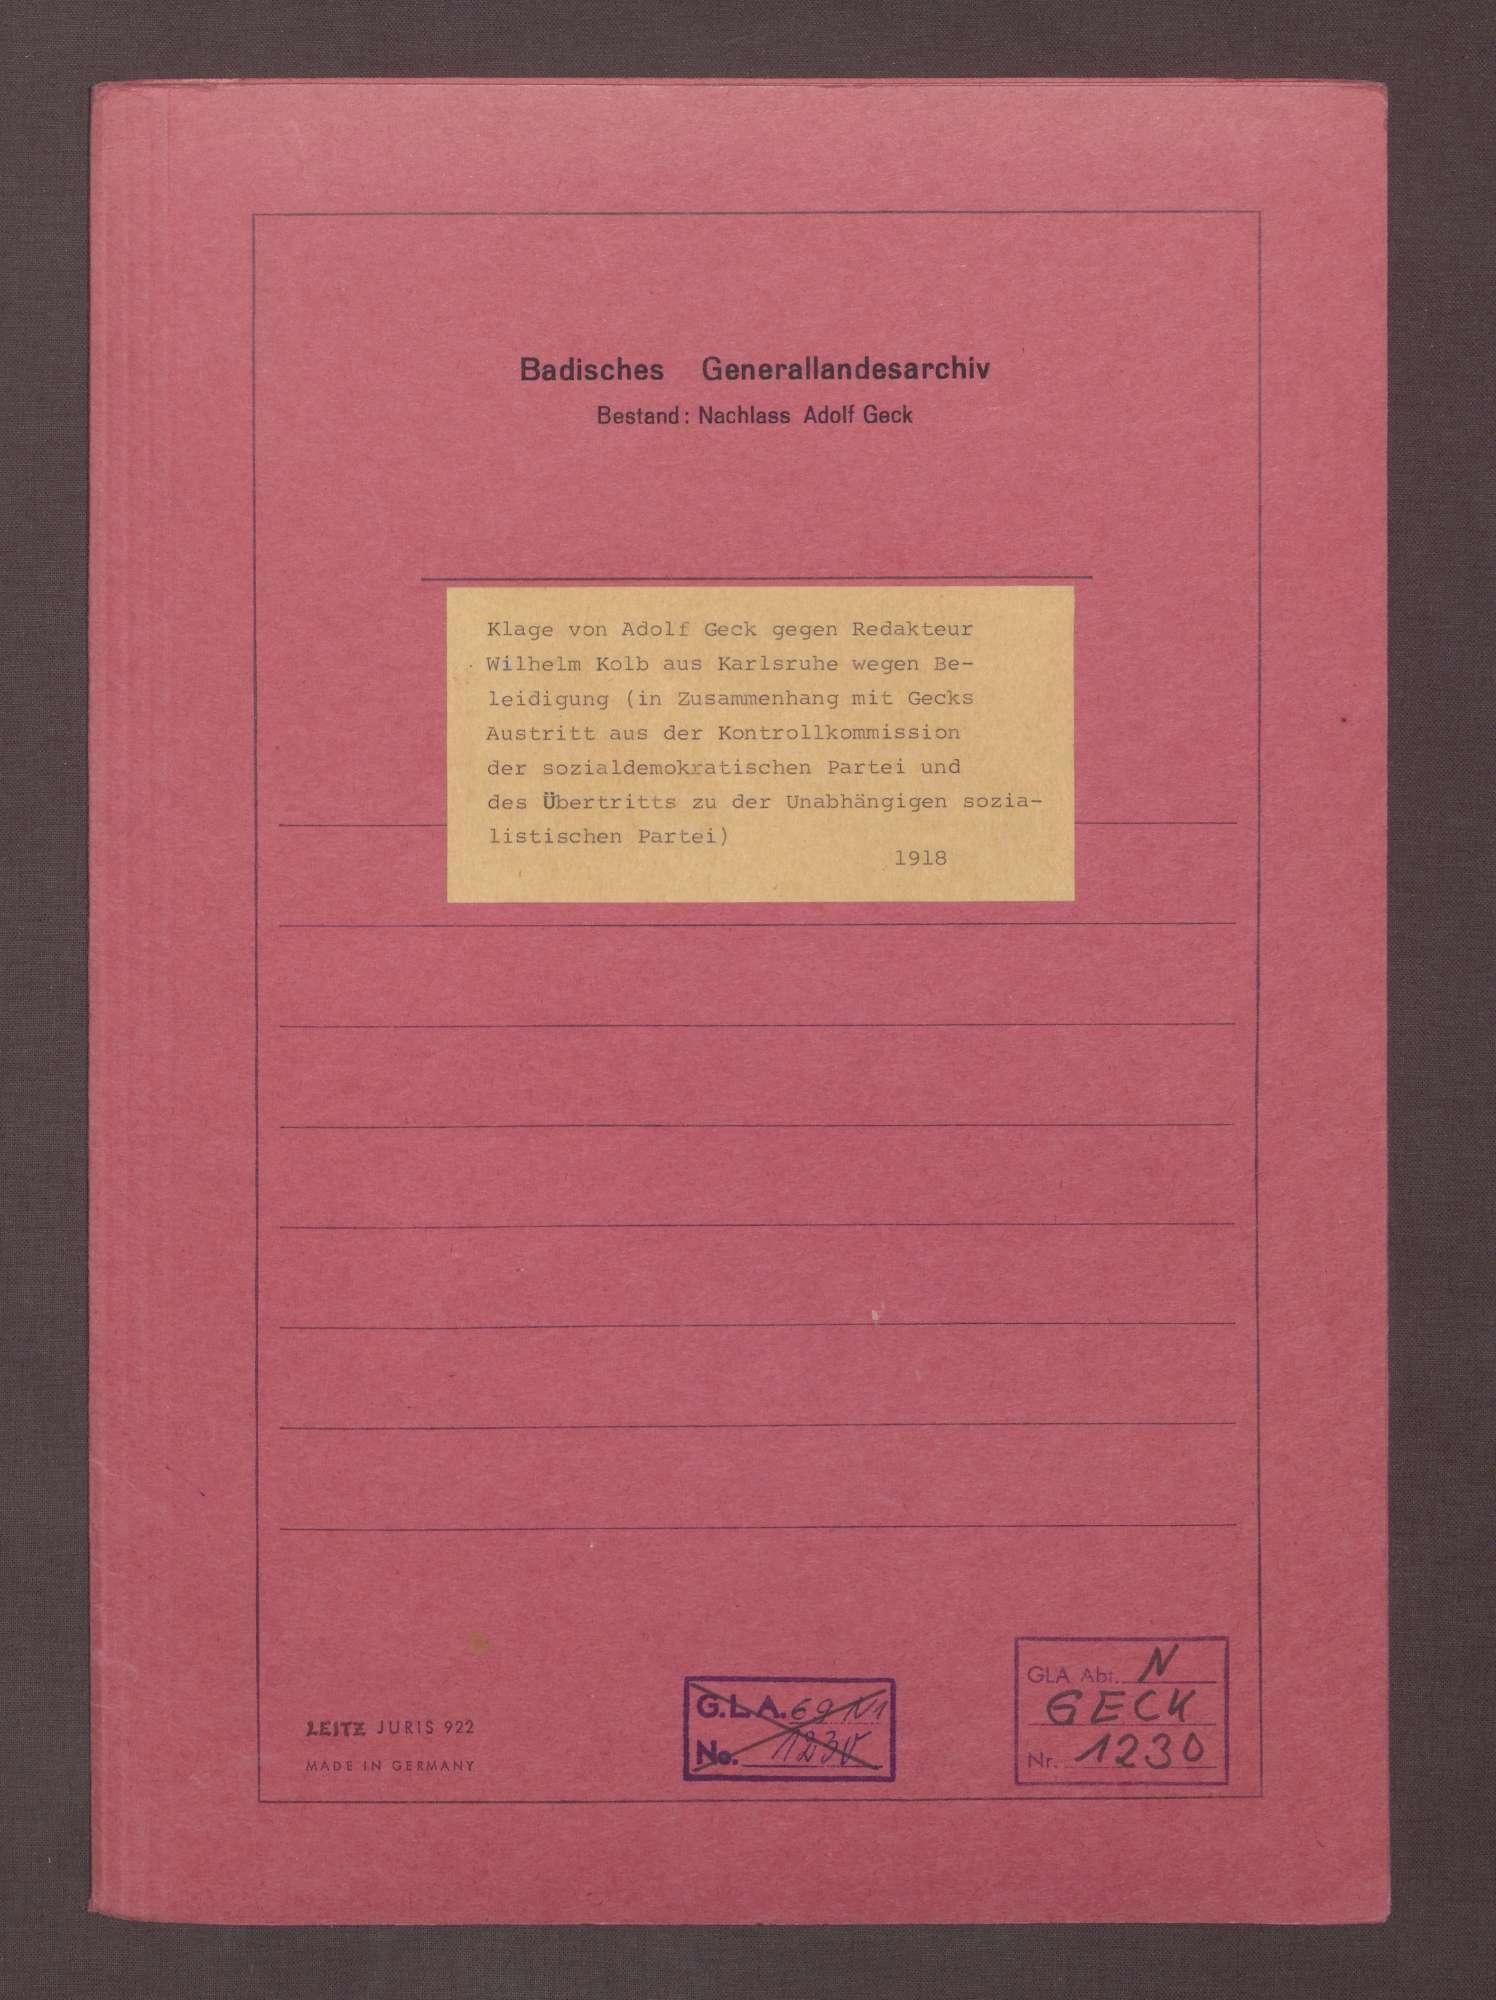 Klage von Adolf Geck gegen Wilhelm Kolb: Beleidigung im Zusammenhang mit Gecks Austritt aus der Kontrollkommission der Sozialdemokratischen Partei und seines Übertritts zur Unabhängigen Sozialdemokratischen Partei, Bild 1